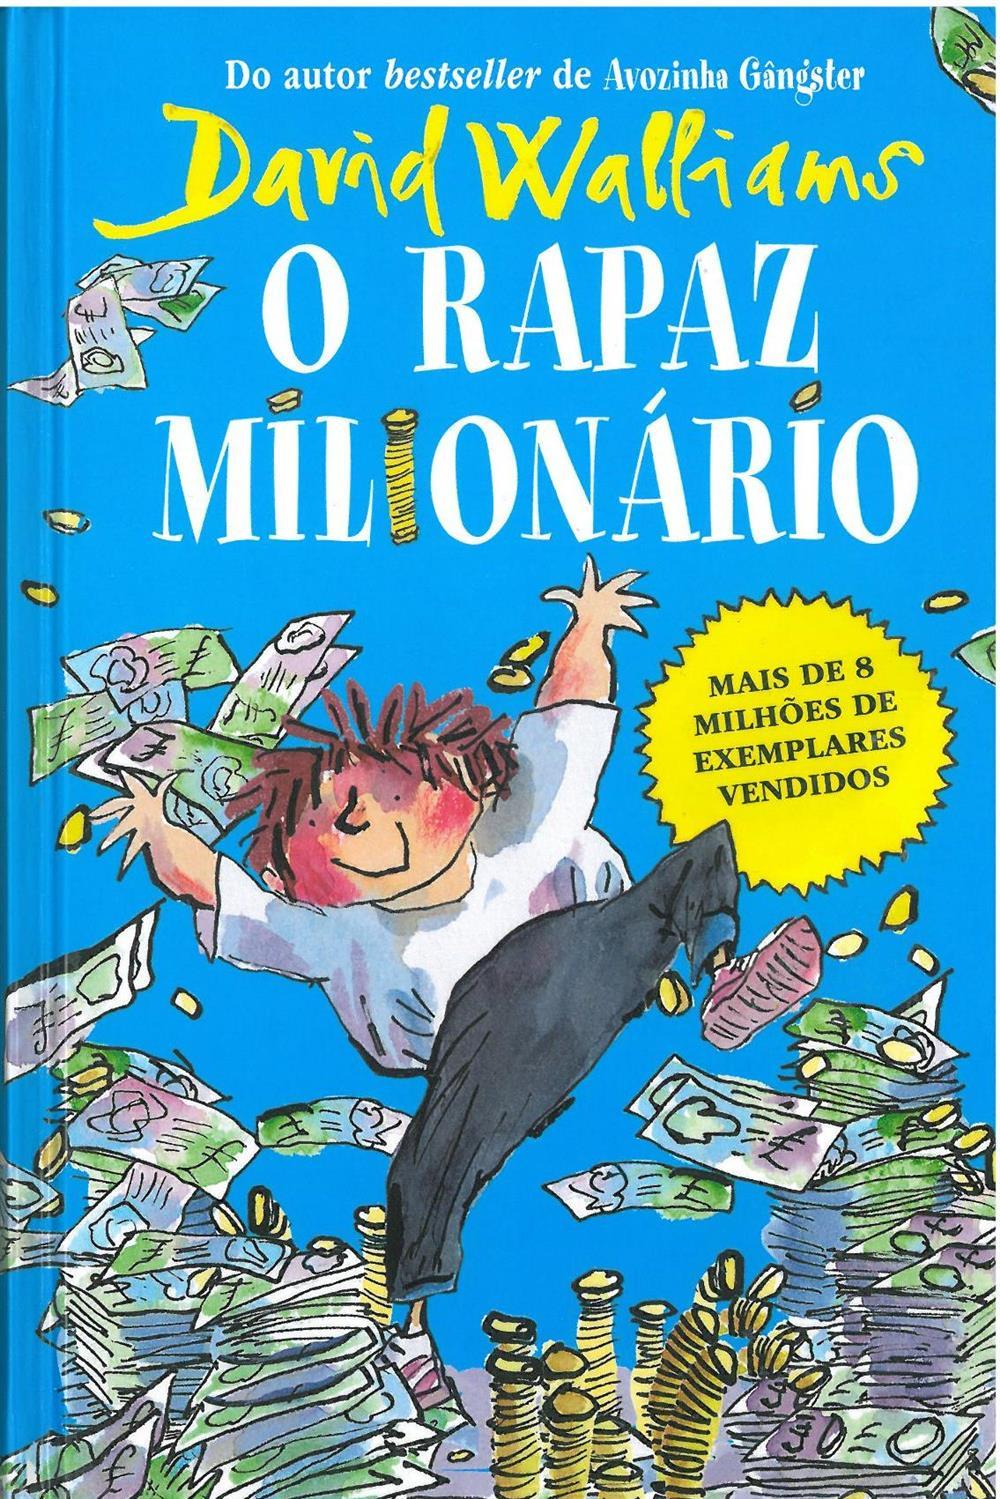 O rapaz milionário_.jpg